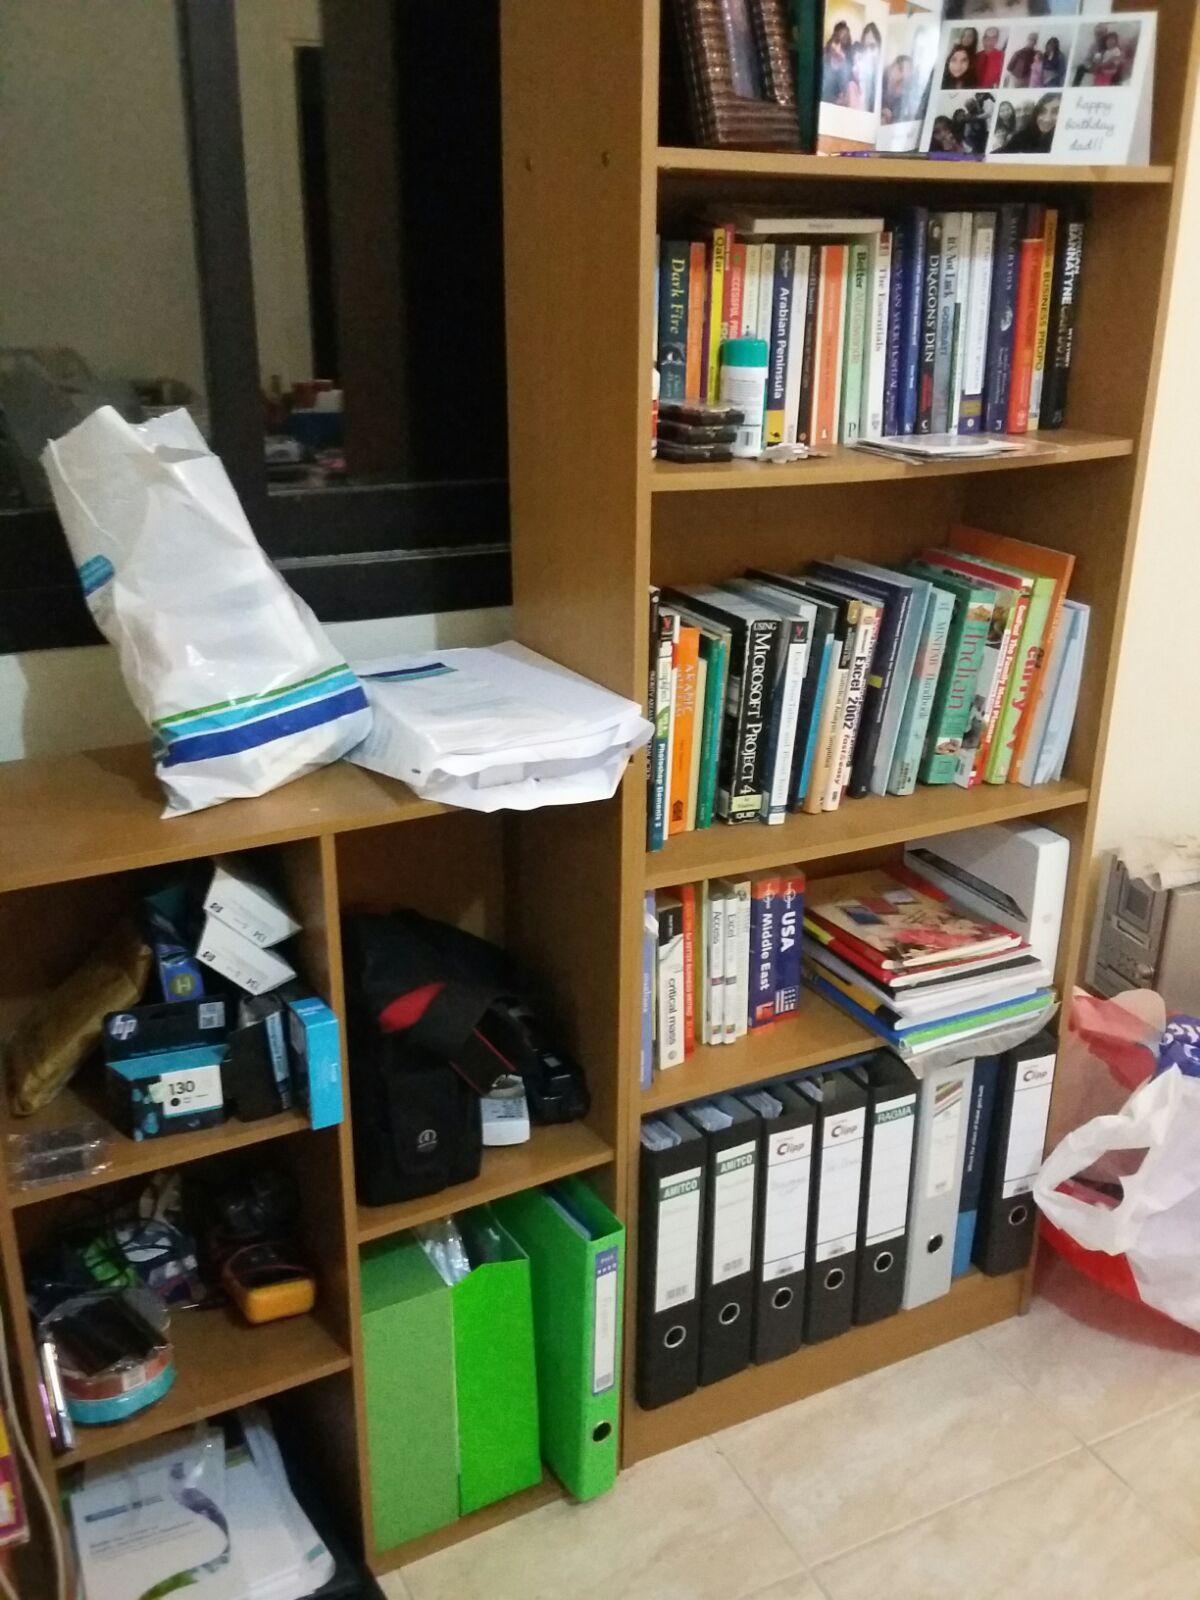 2 Bookshelves